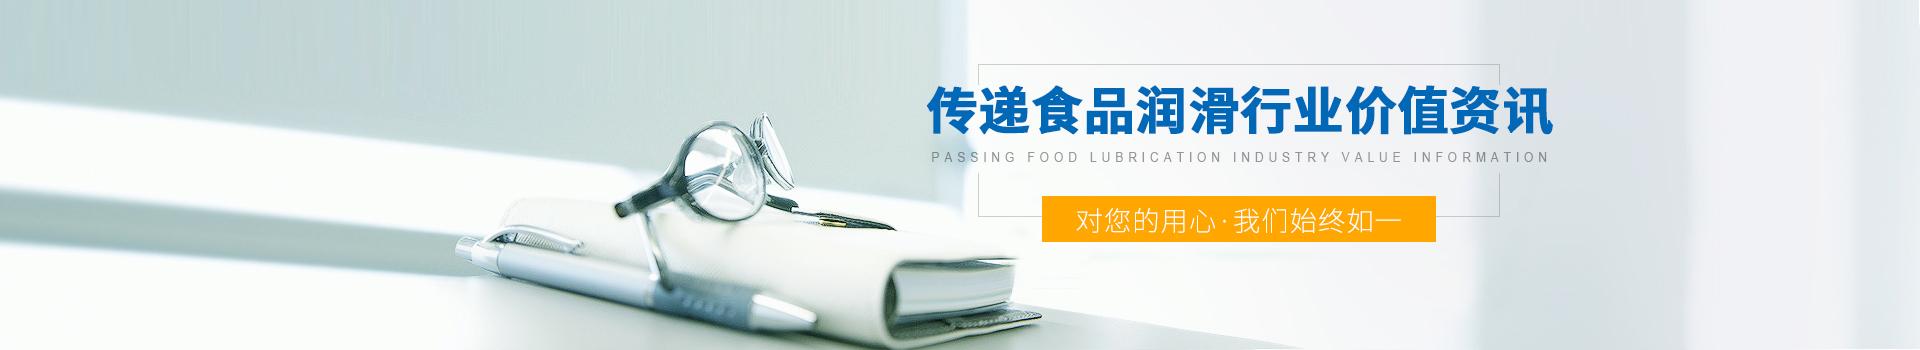 菲尔特润滑油-传递食品润滑行业价值资讯